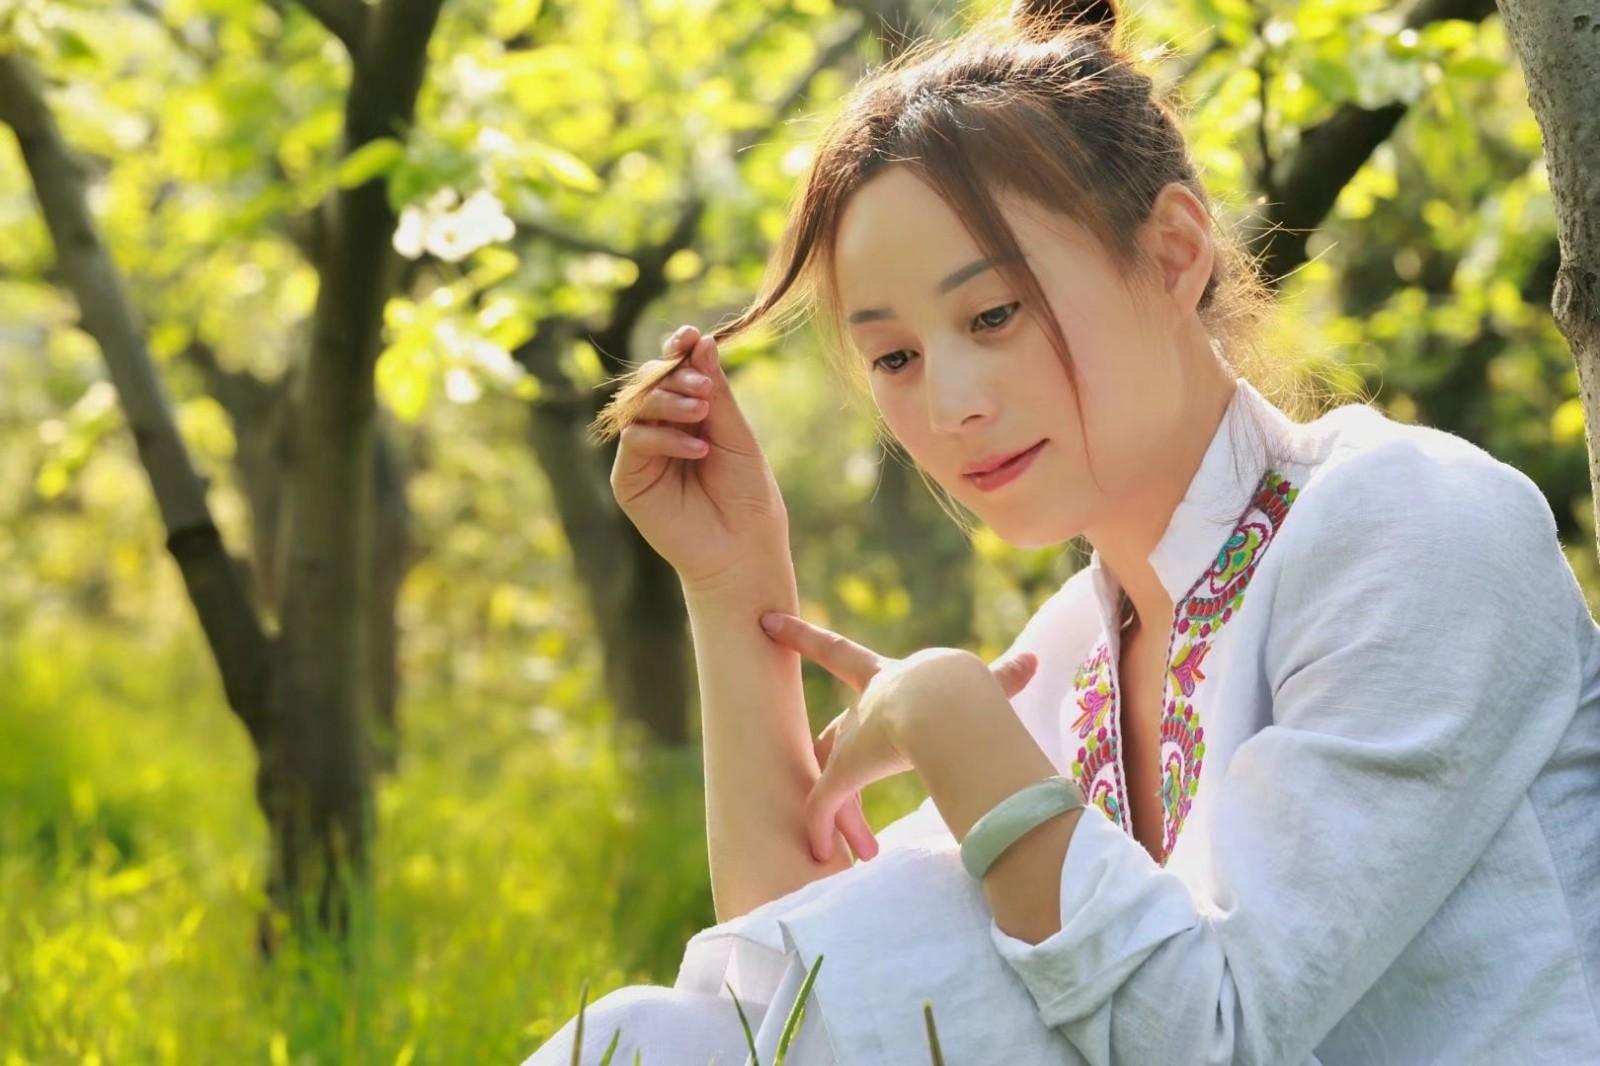 美背瑜伽体式大全,坚持瑜伽动作练出少女感